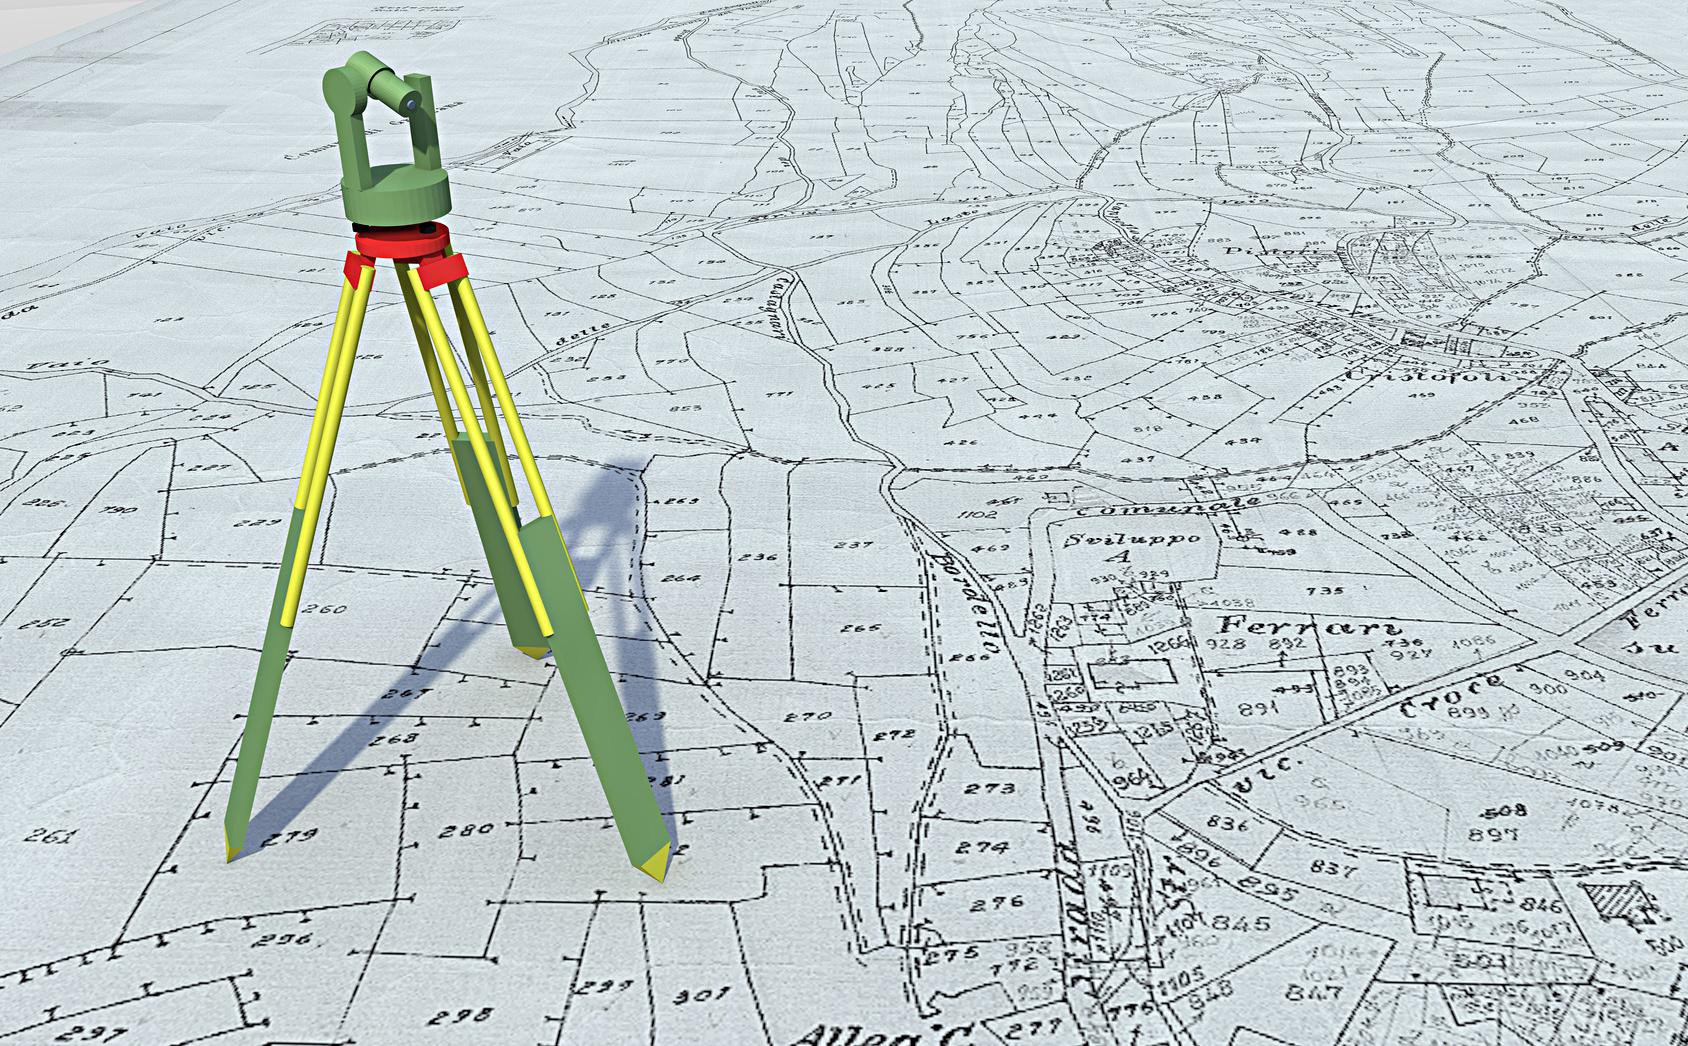 С 2021 г. вводятся новые правила лицензирования геодезической и картографической деятельности